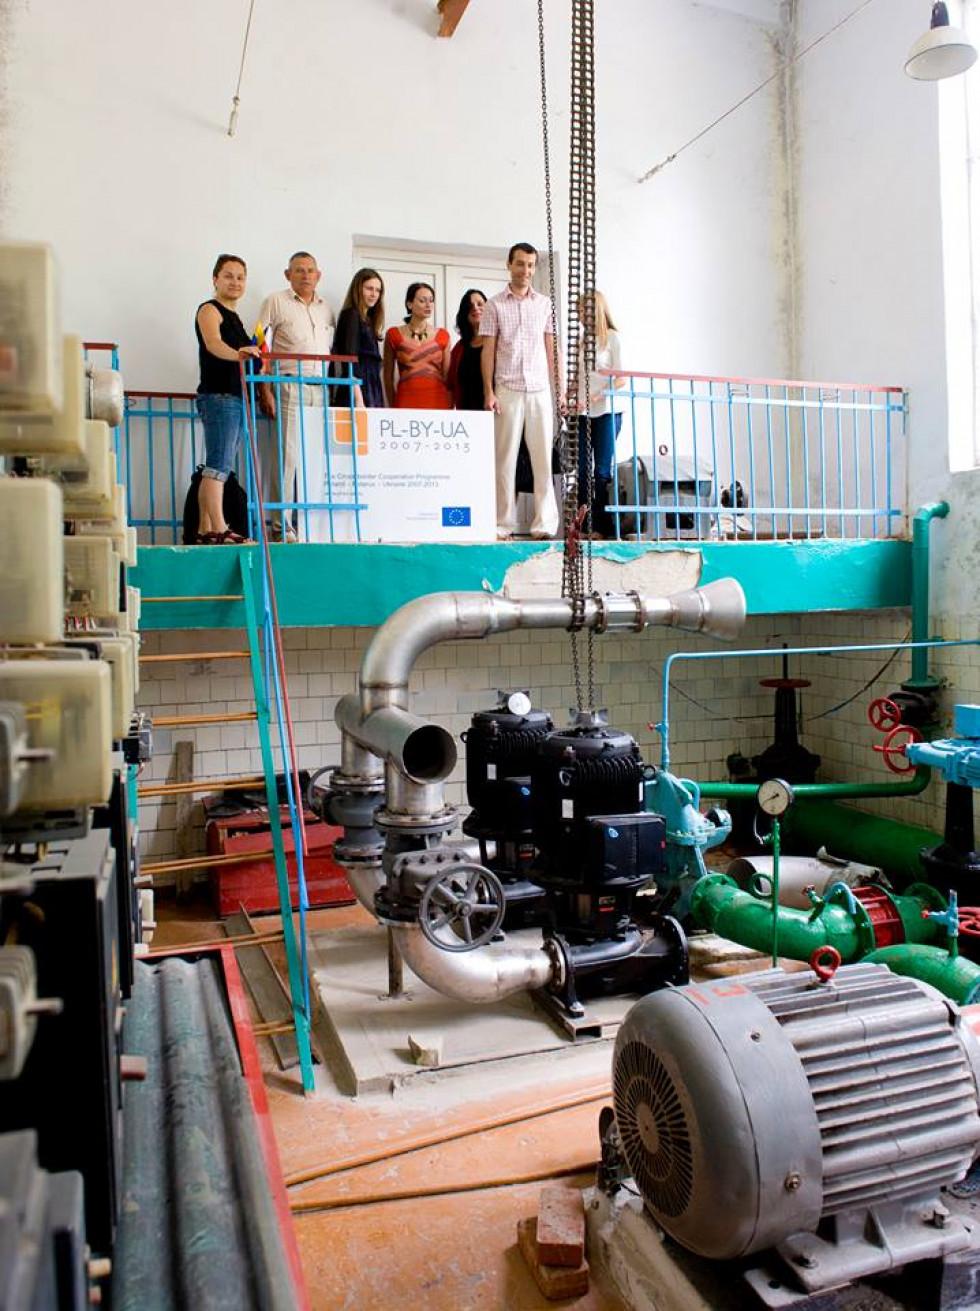 Основна мета ІІ фази – реконструкція центрального та північного водозаборів і водопровідних мереж у Володимирі-Волинському.